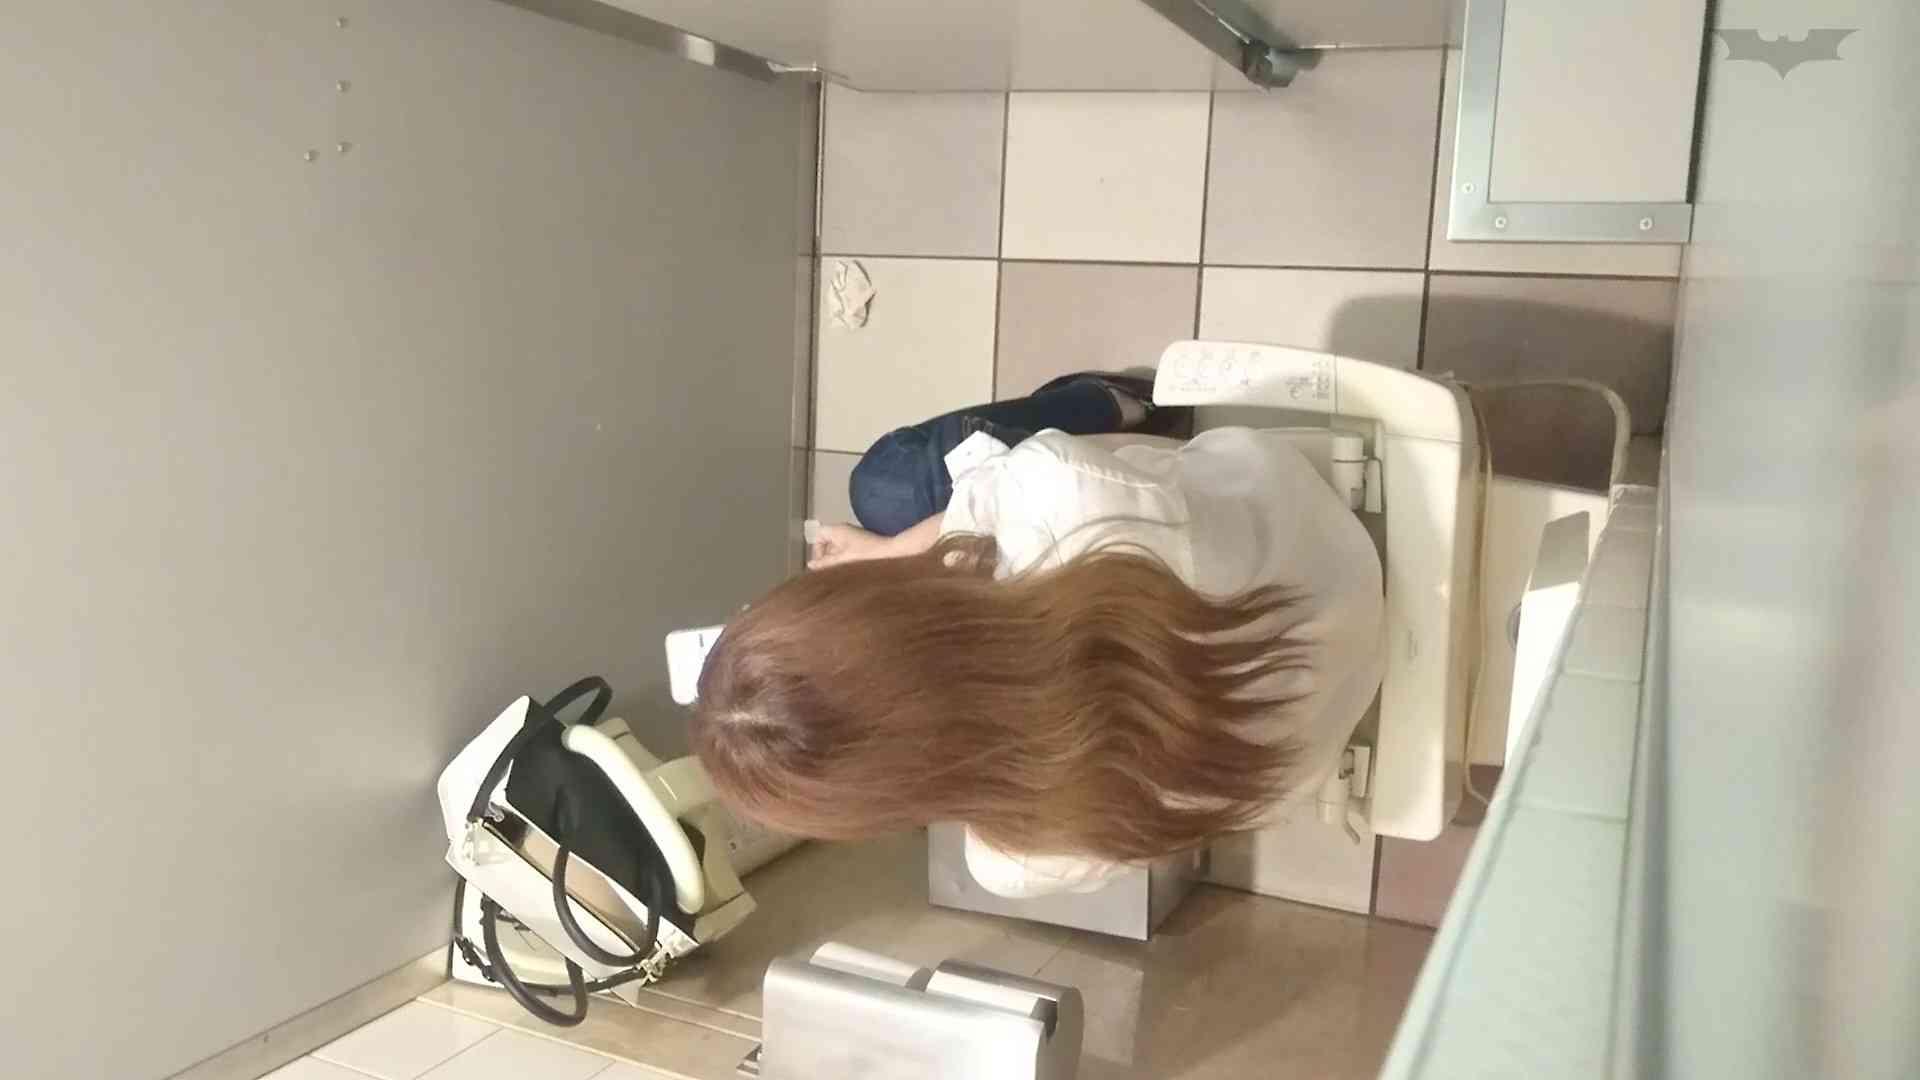 化粧室絵巻 ショッピングモール編 VOL.24 高画質動画 すけべAV動画紹介 90画像 51